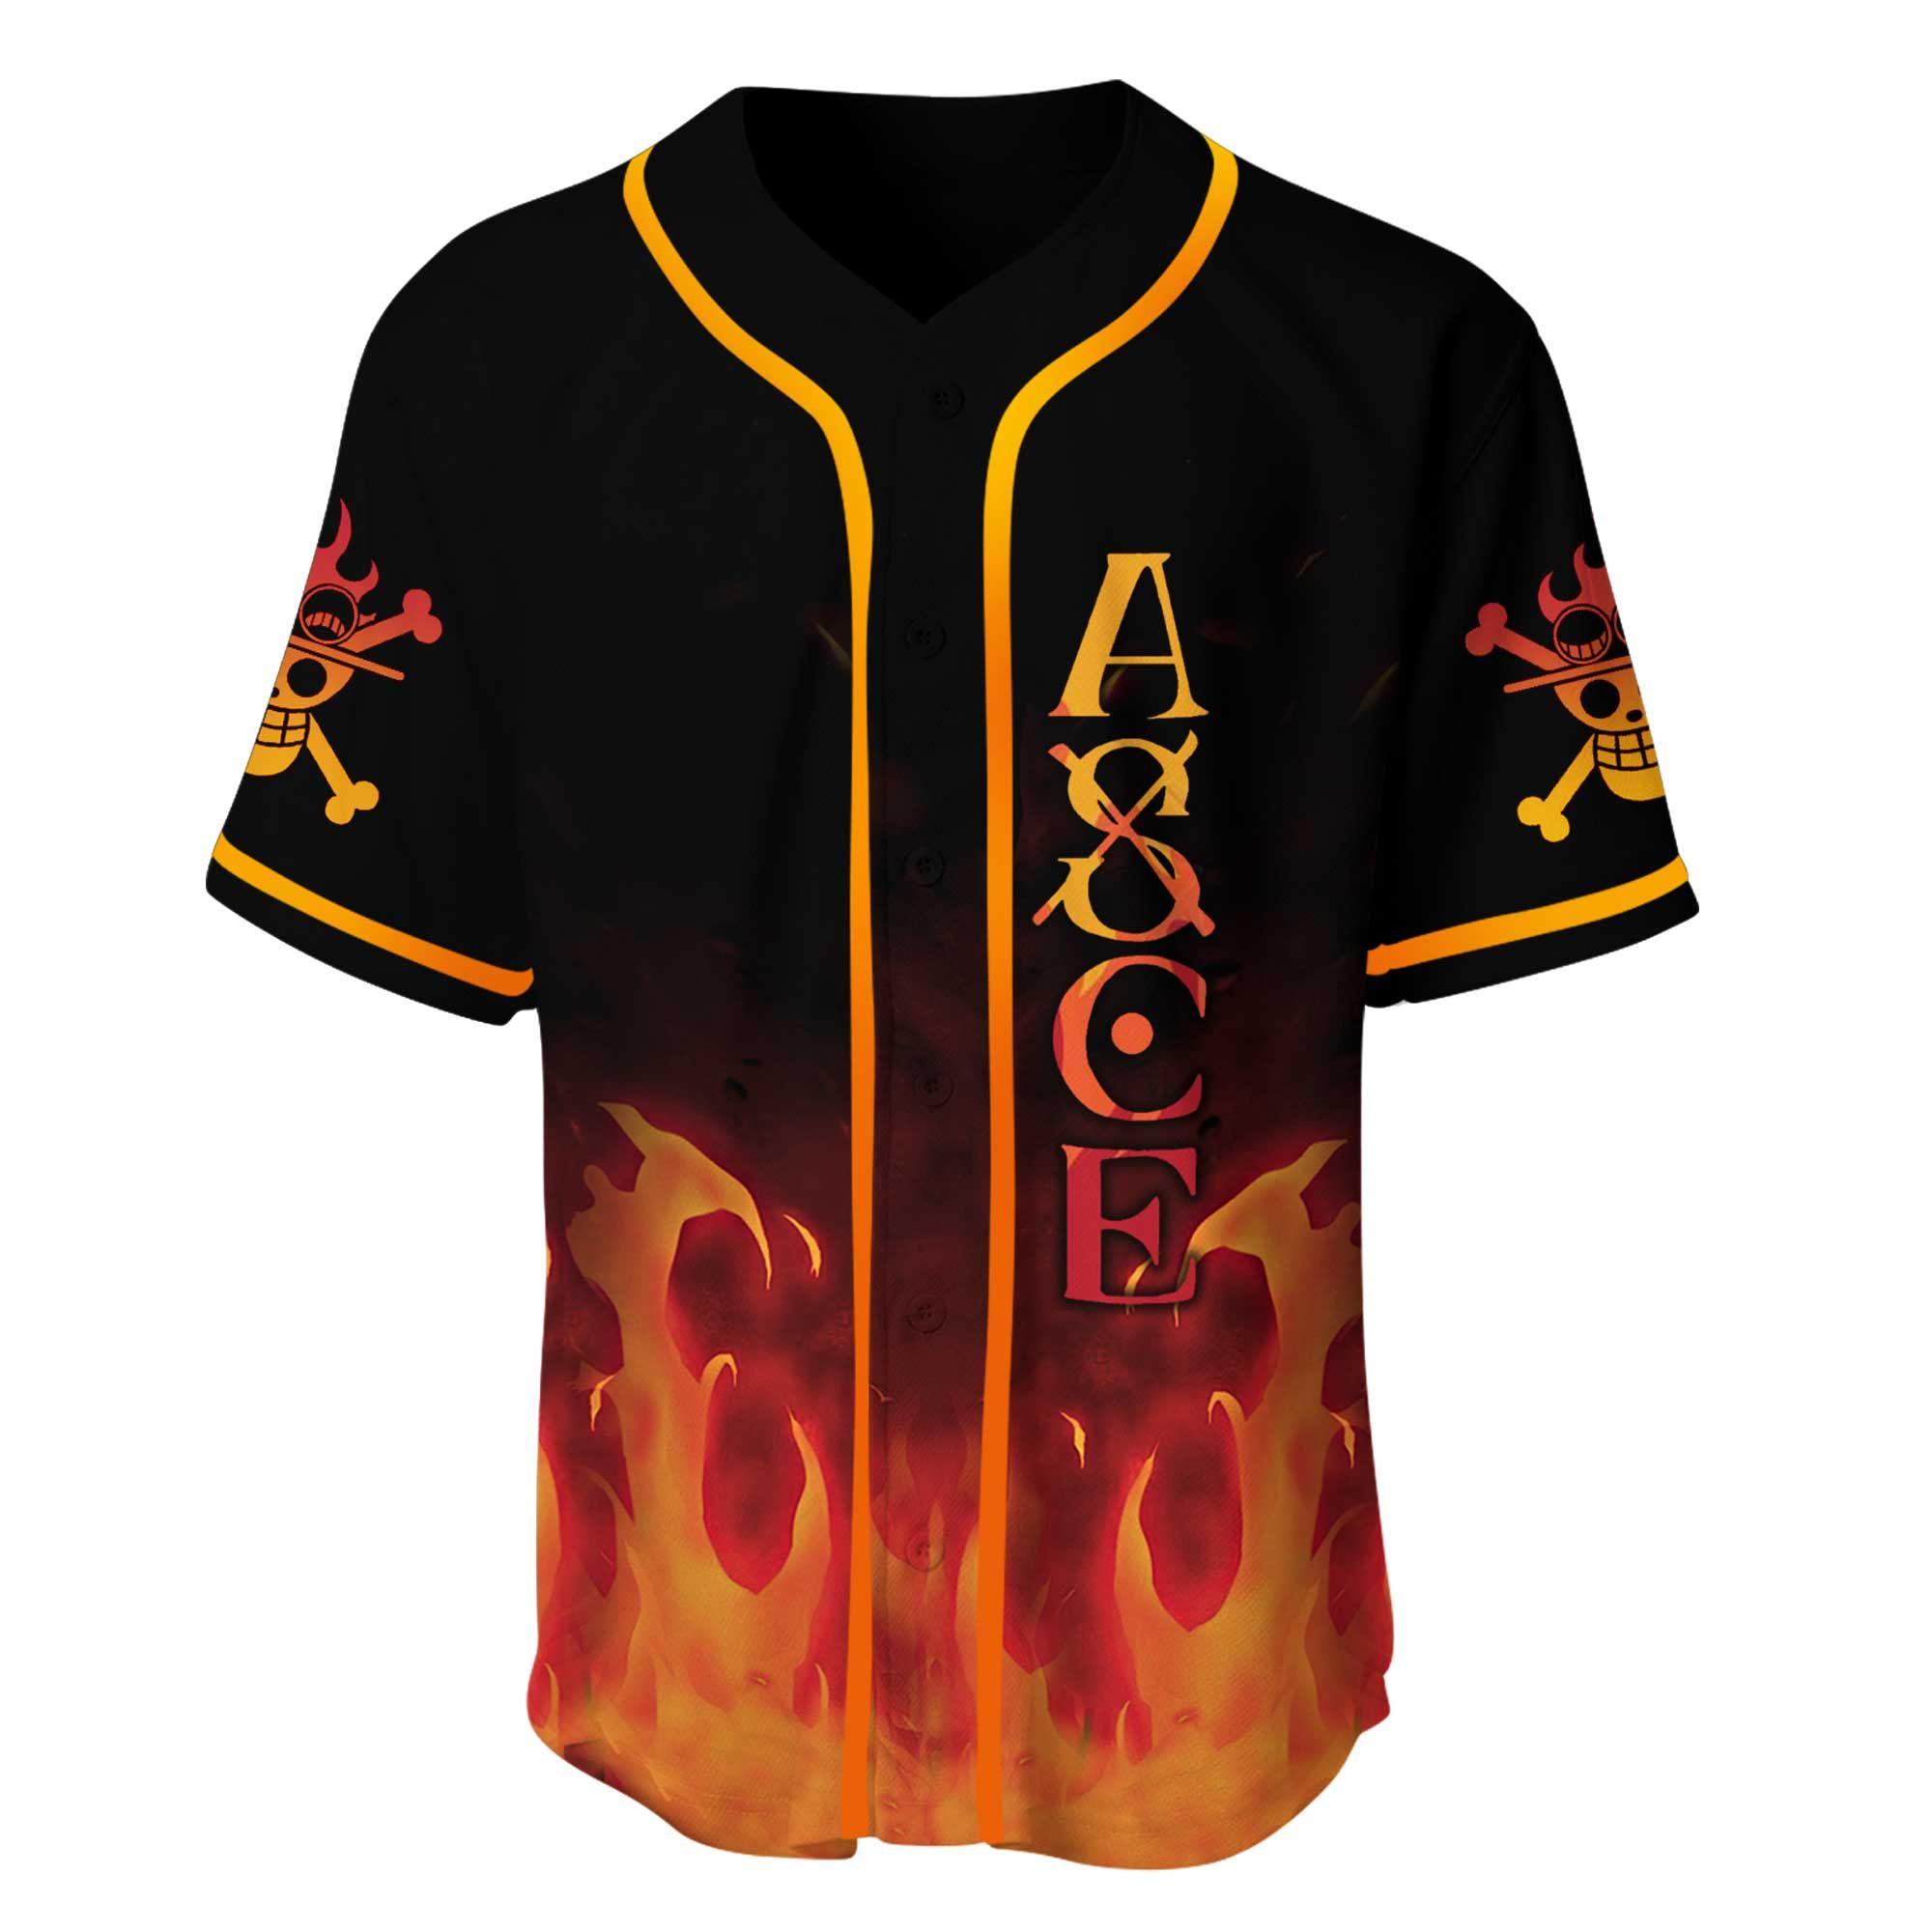 One Piece Ace Fire art Baseball Jersey Shirt